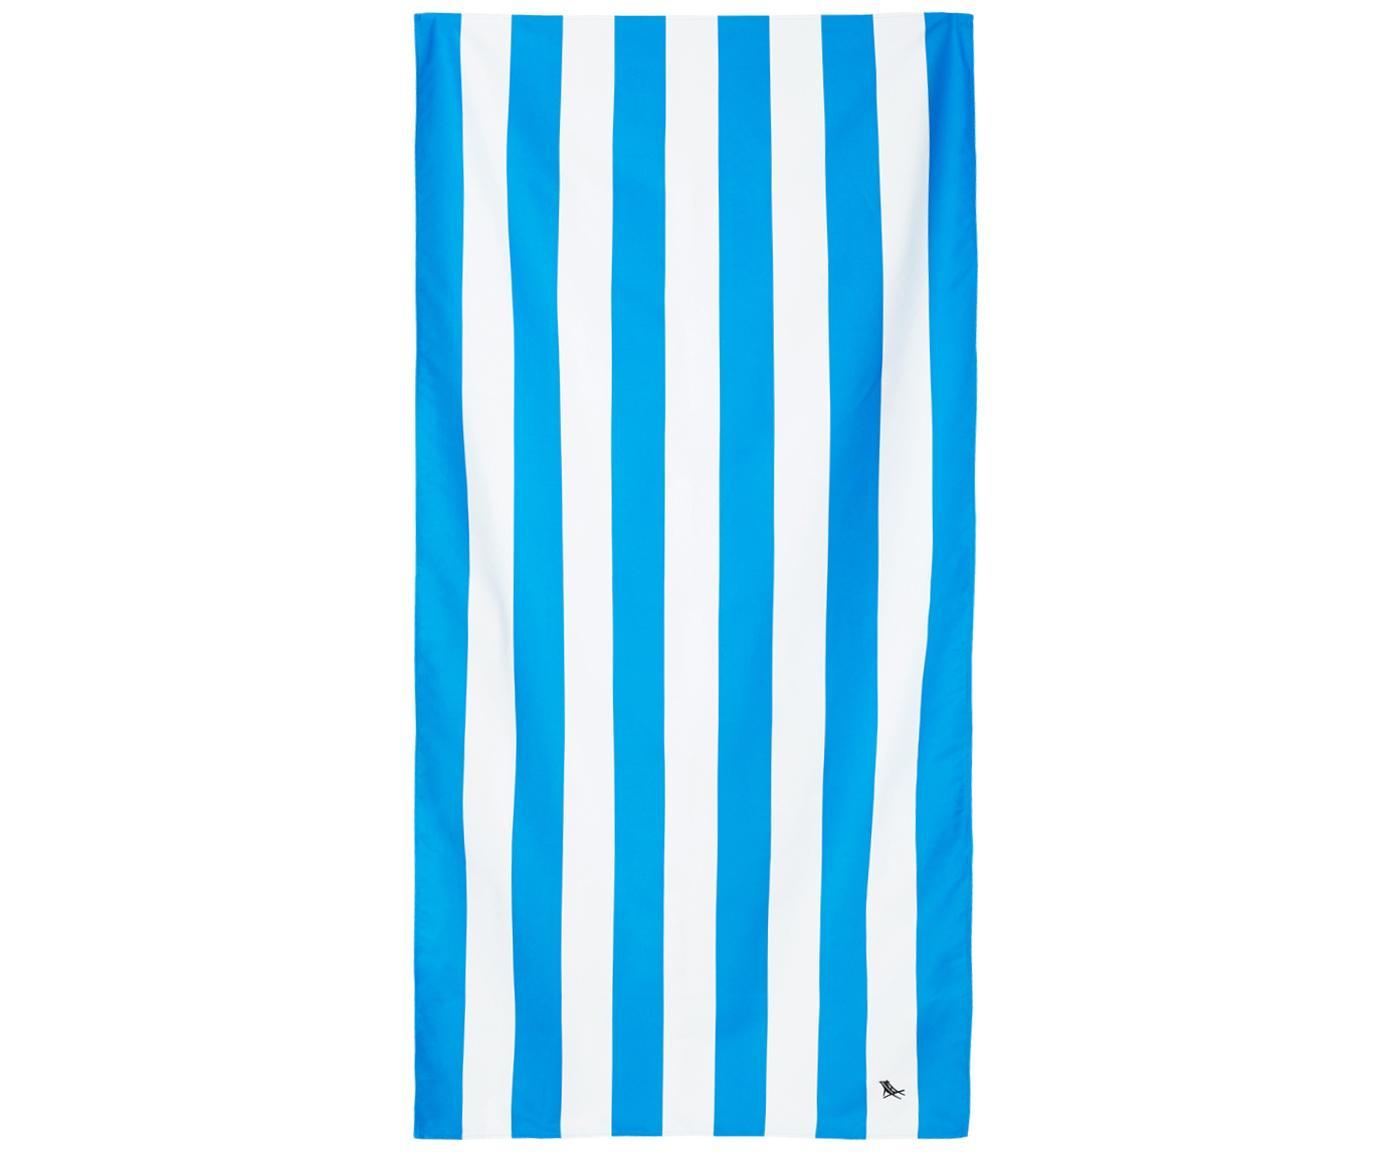 Microfaser-Strandtuch Cabana, schnell trocknend, Microfaser (80% Polyester, 20% Polyamid), Blau, Weiß, 90 x 200 cm